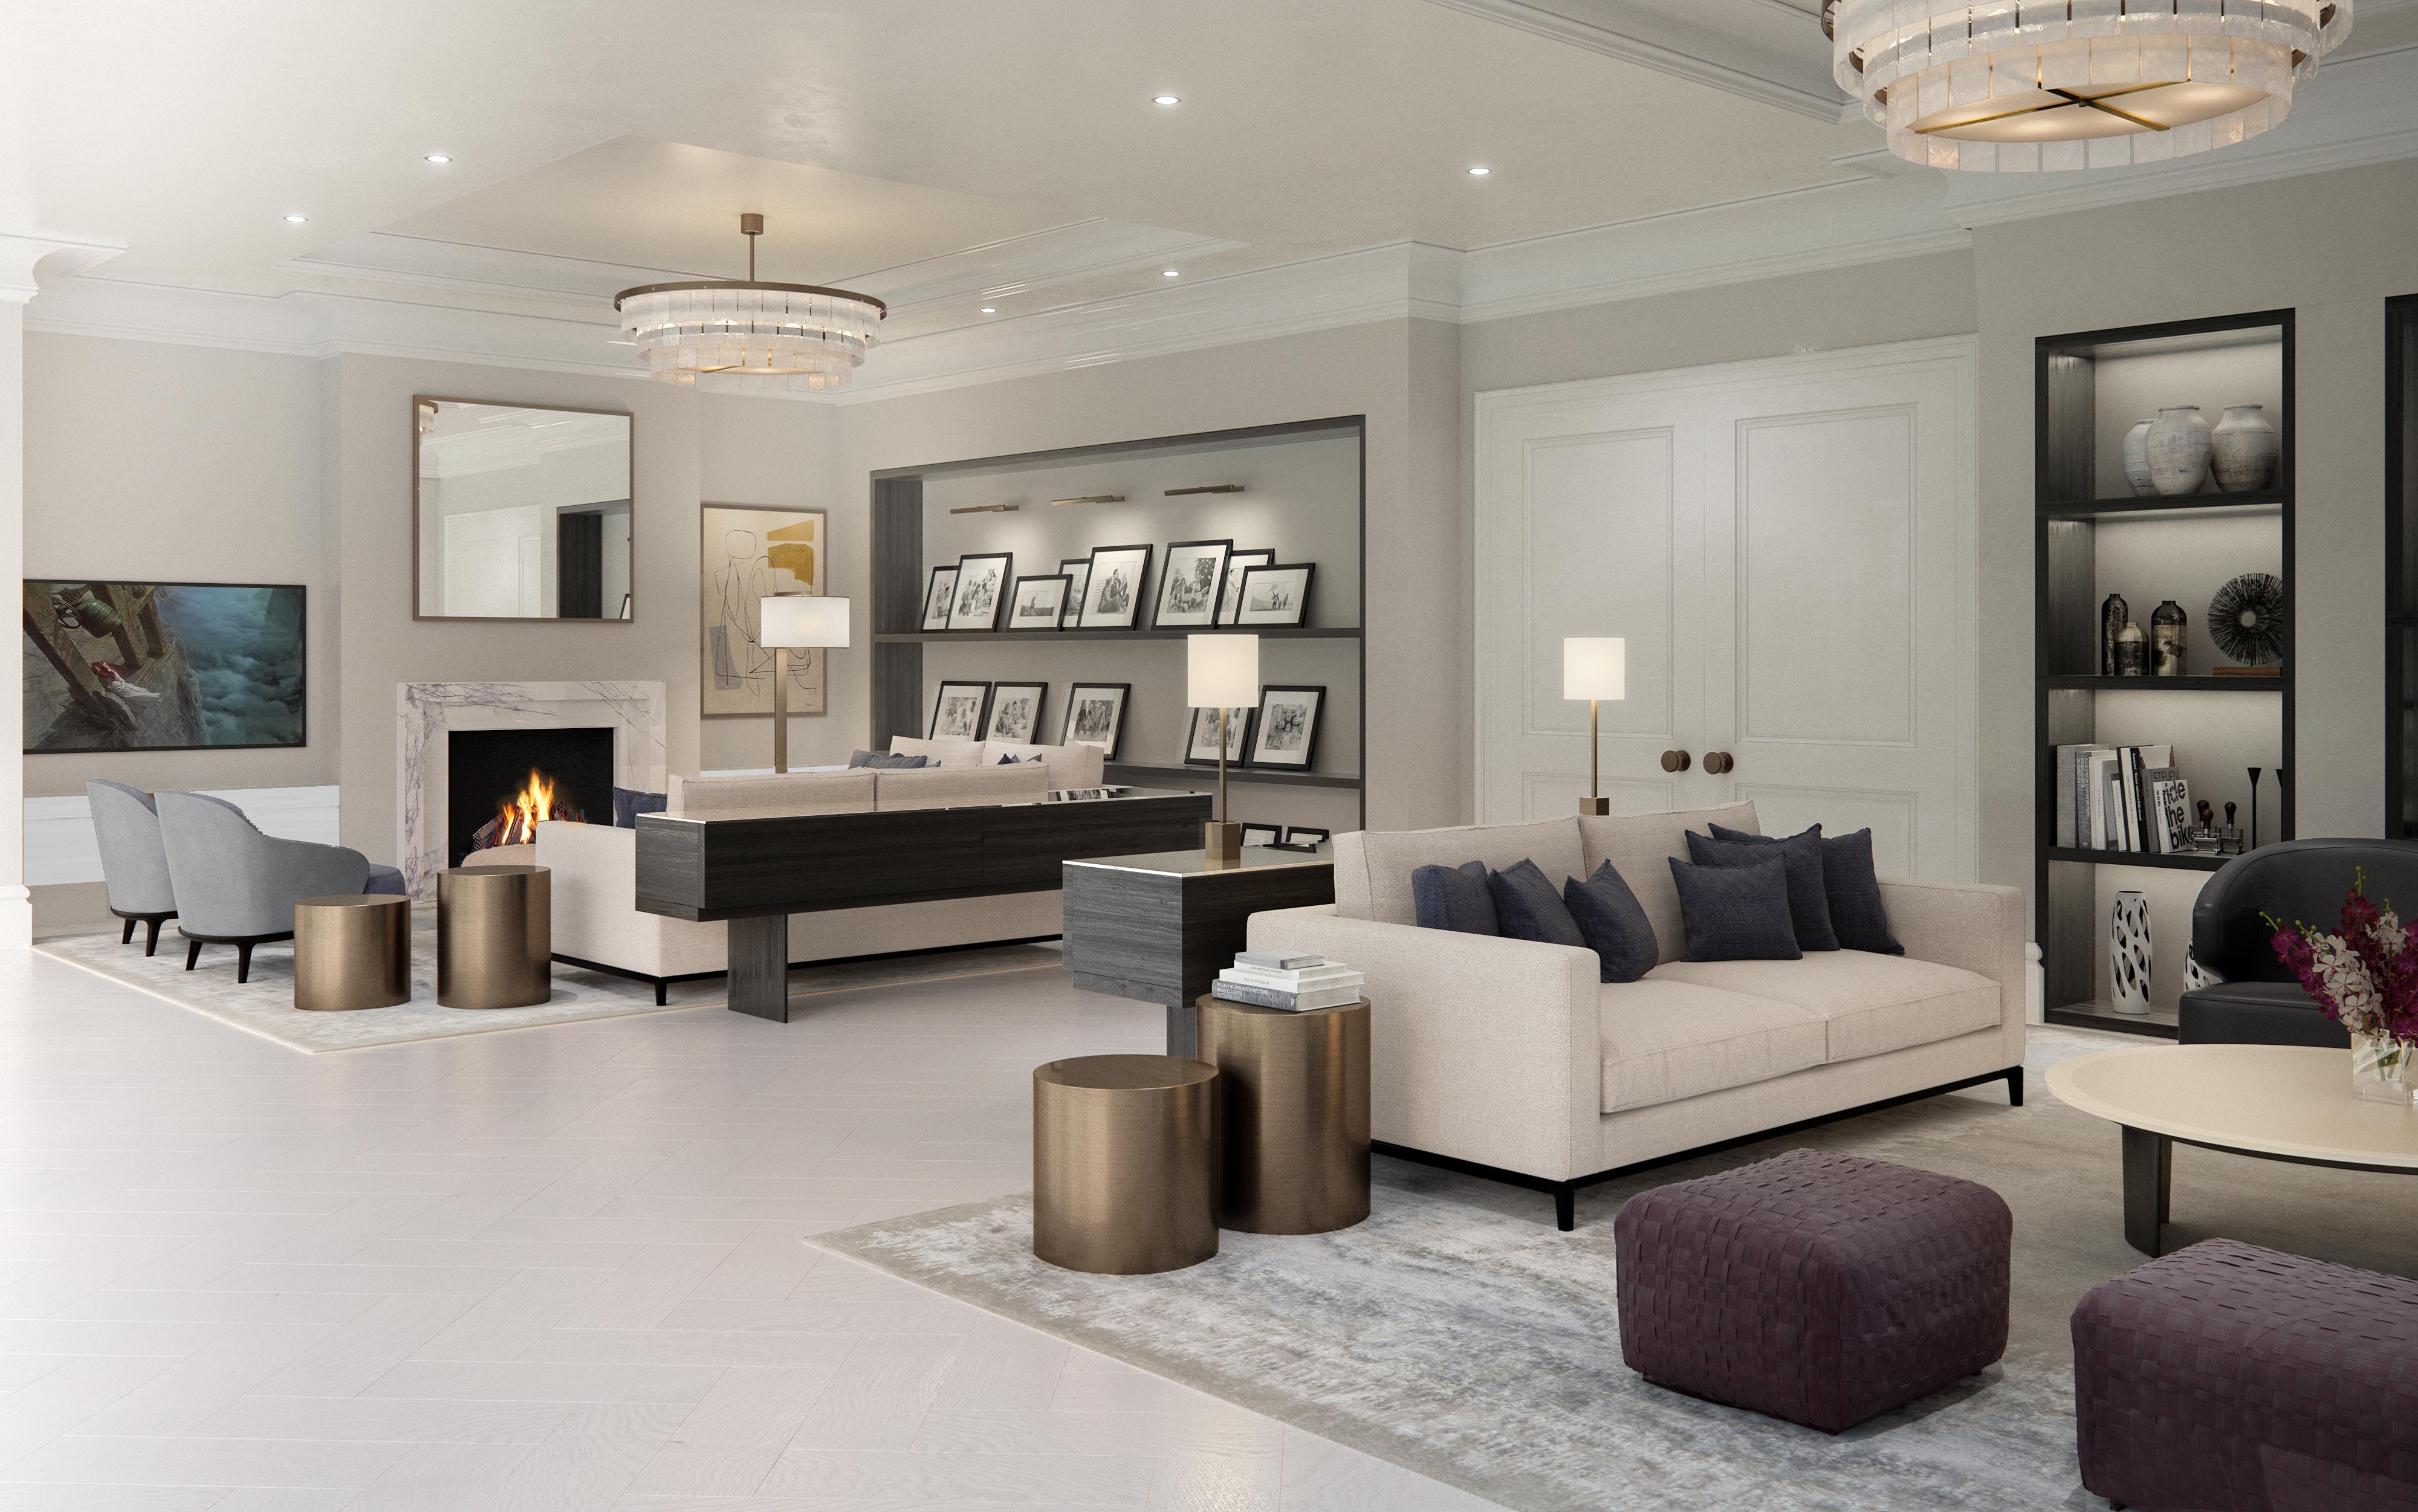 Clayton house v6 sofas C3_01